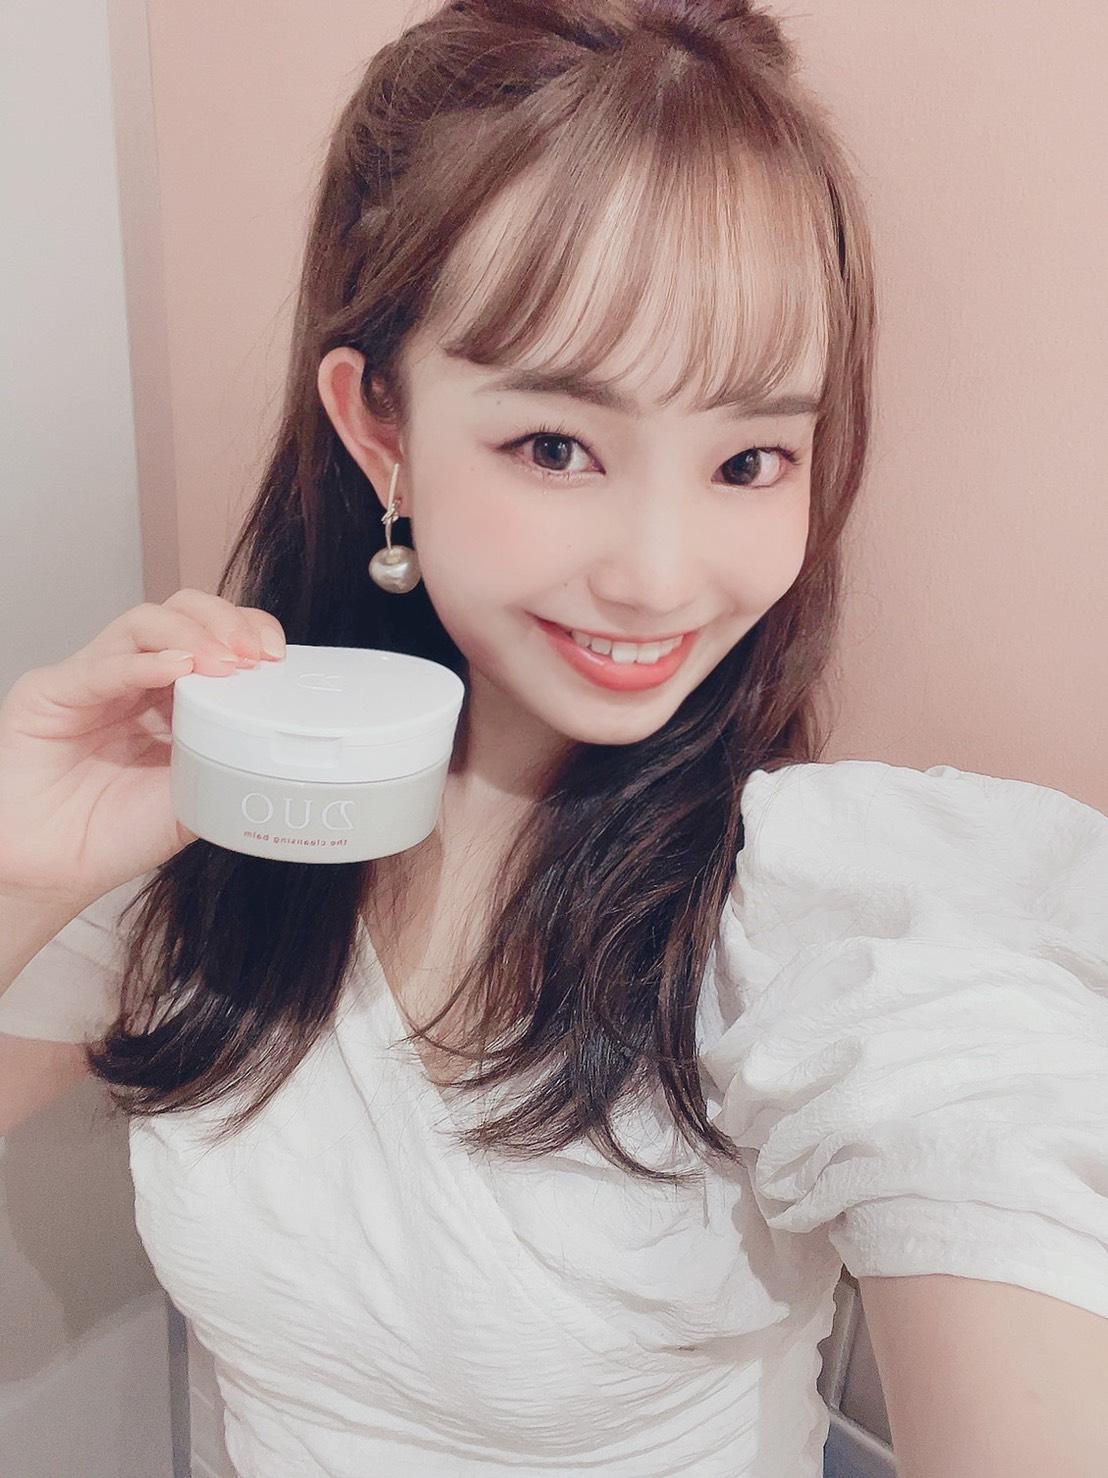 梶山悠莉彩(國學院大学)